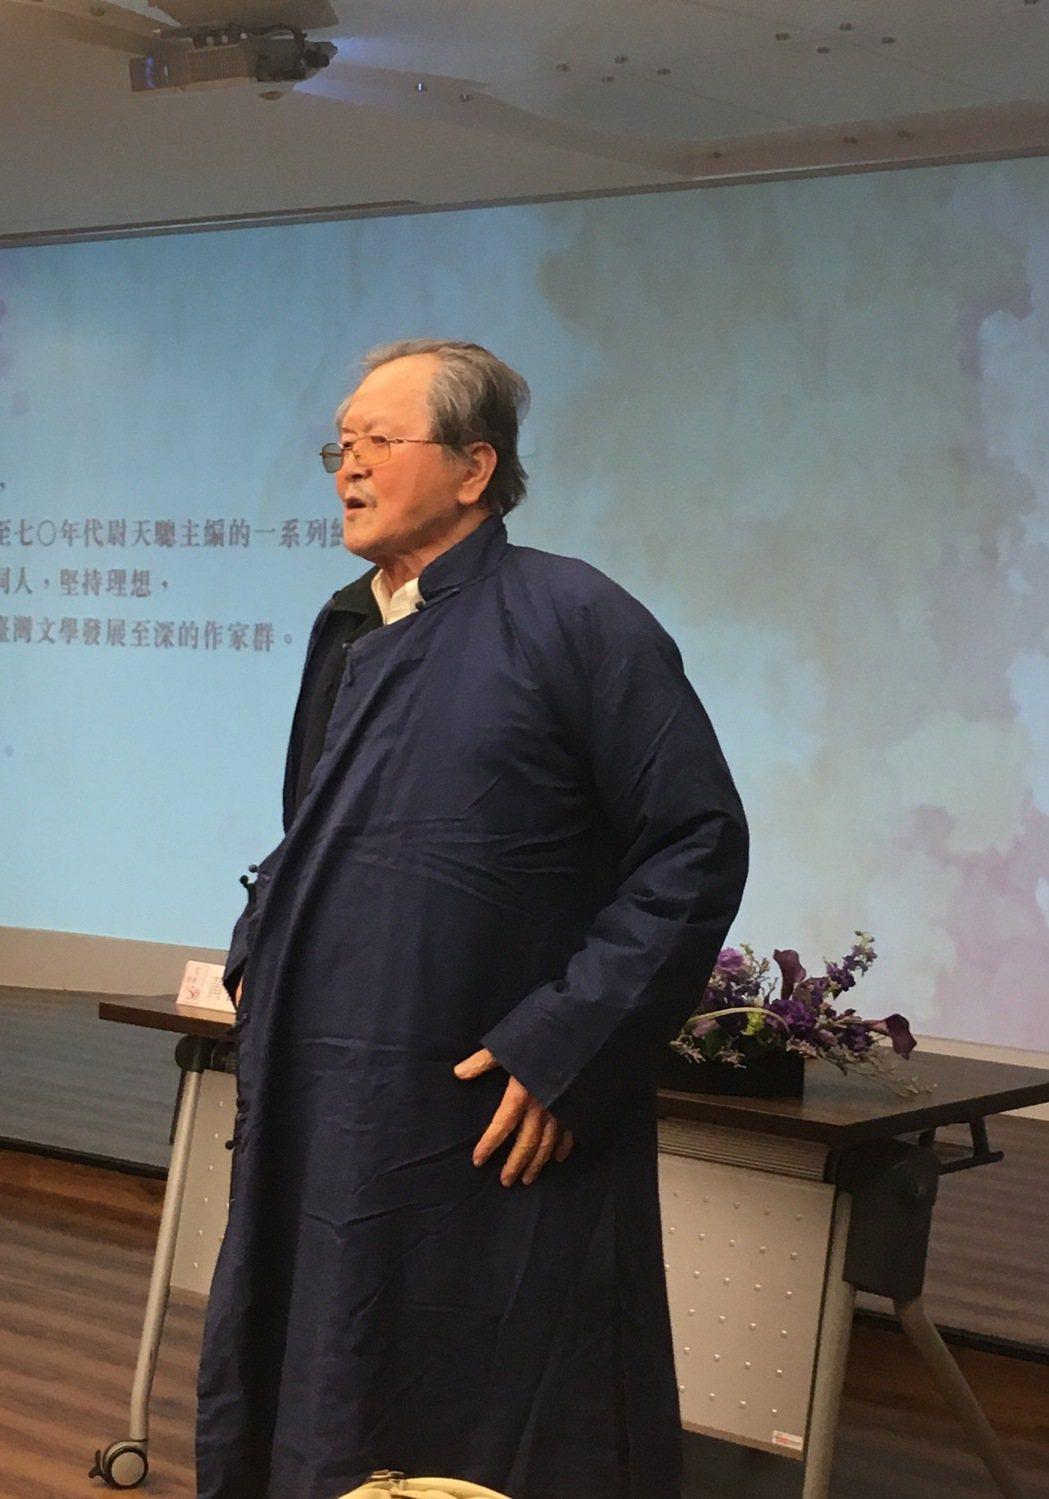 黃春明「文季」稿費 竟是這件棉袍